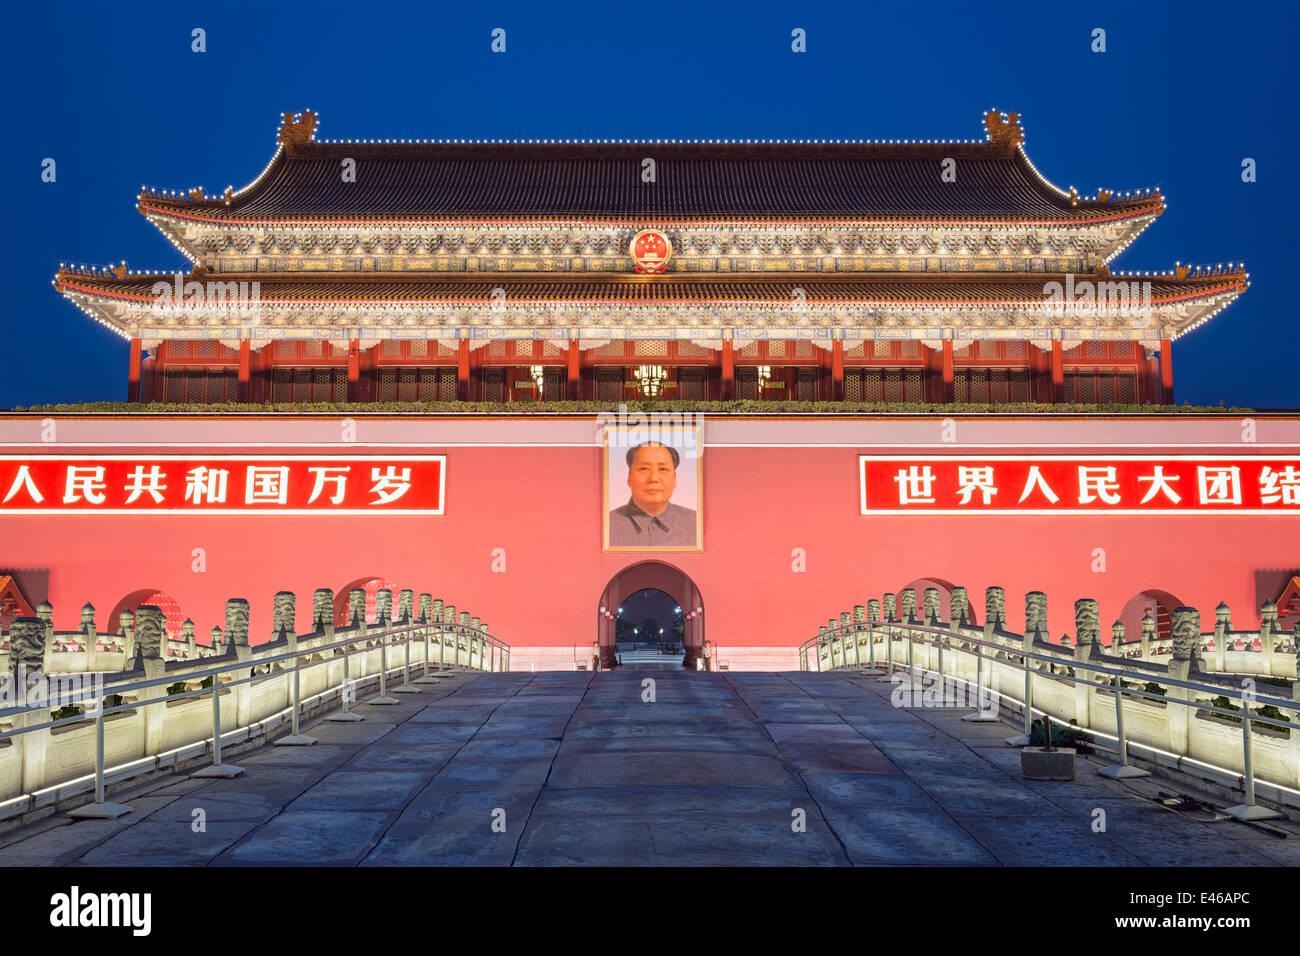 Platz des himmlischen Friedens in Peking, China. Stockbild